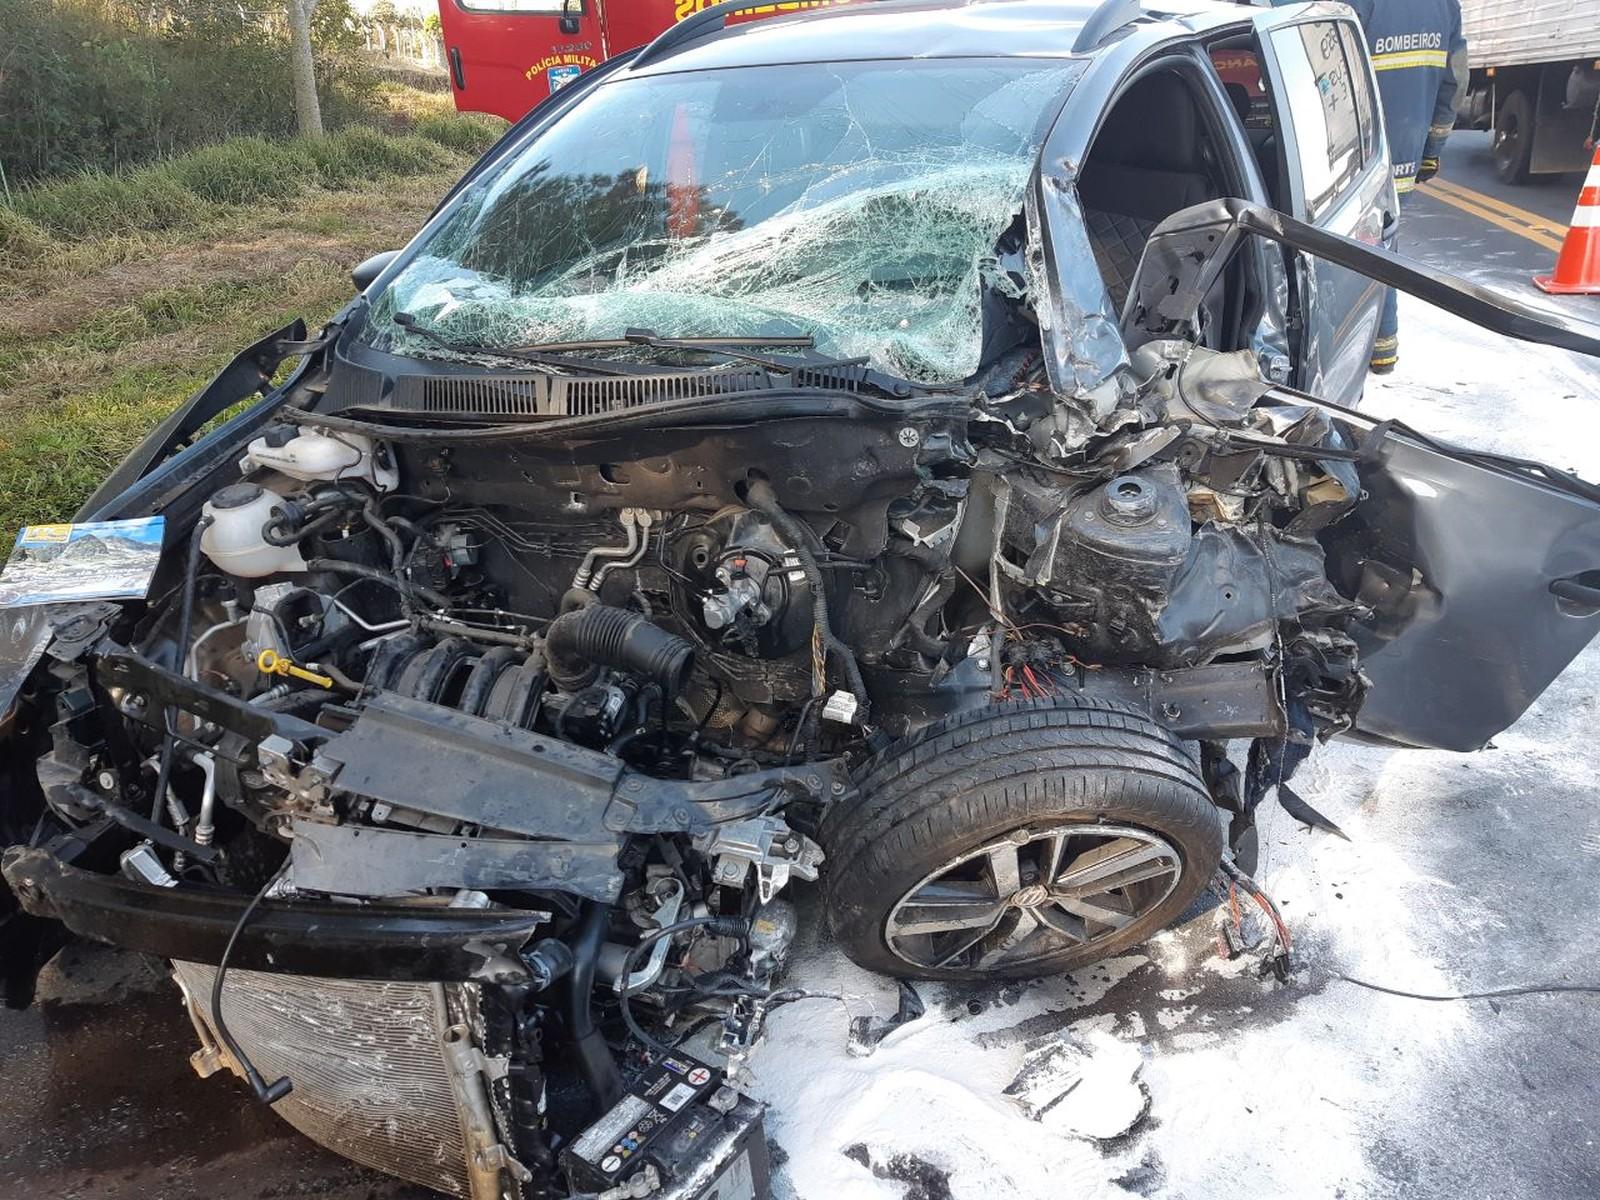 Uma pessoa morreu e outra ficou gravemente ferida após dois carros baterem de frente, na BR-373 — Foto: Divulgação/PRF